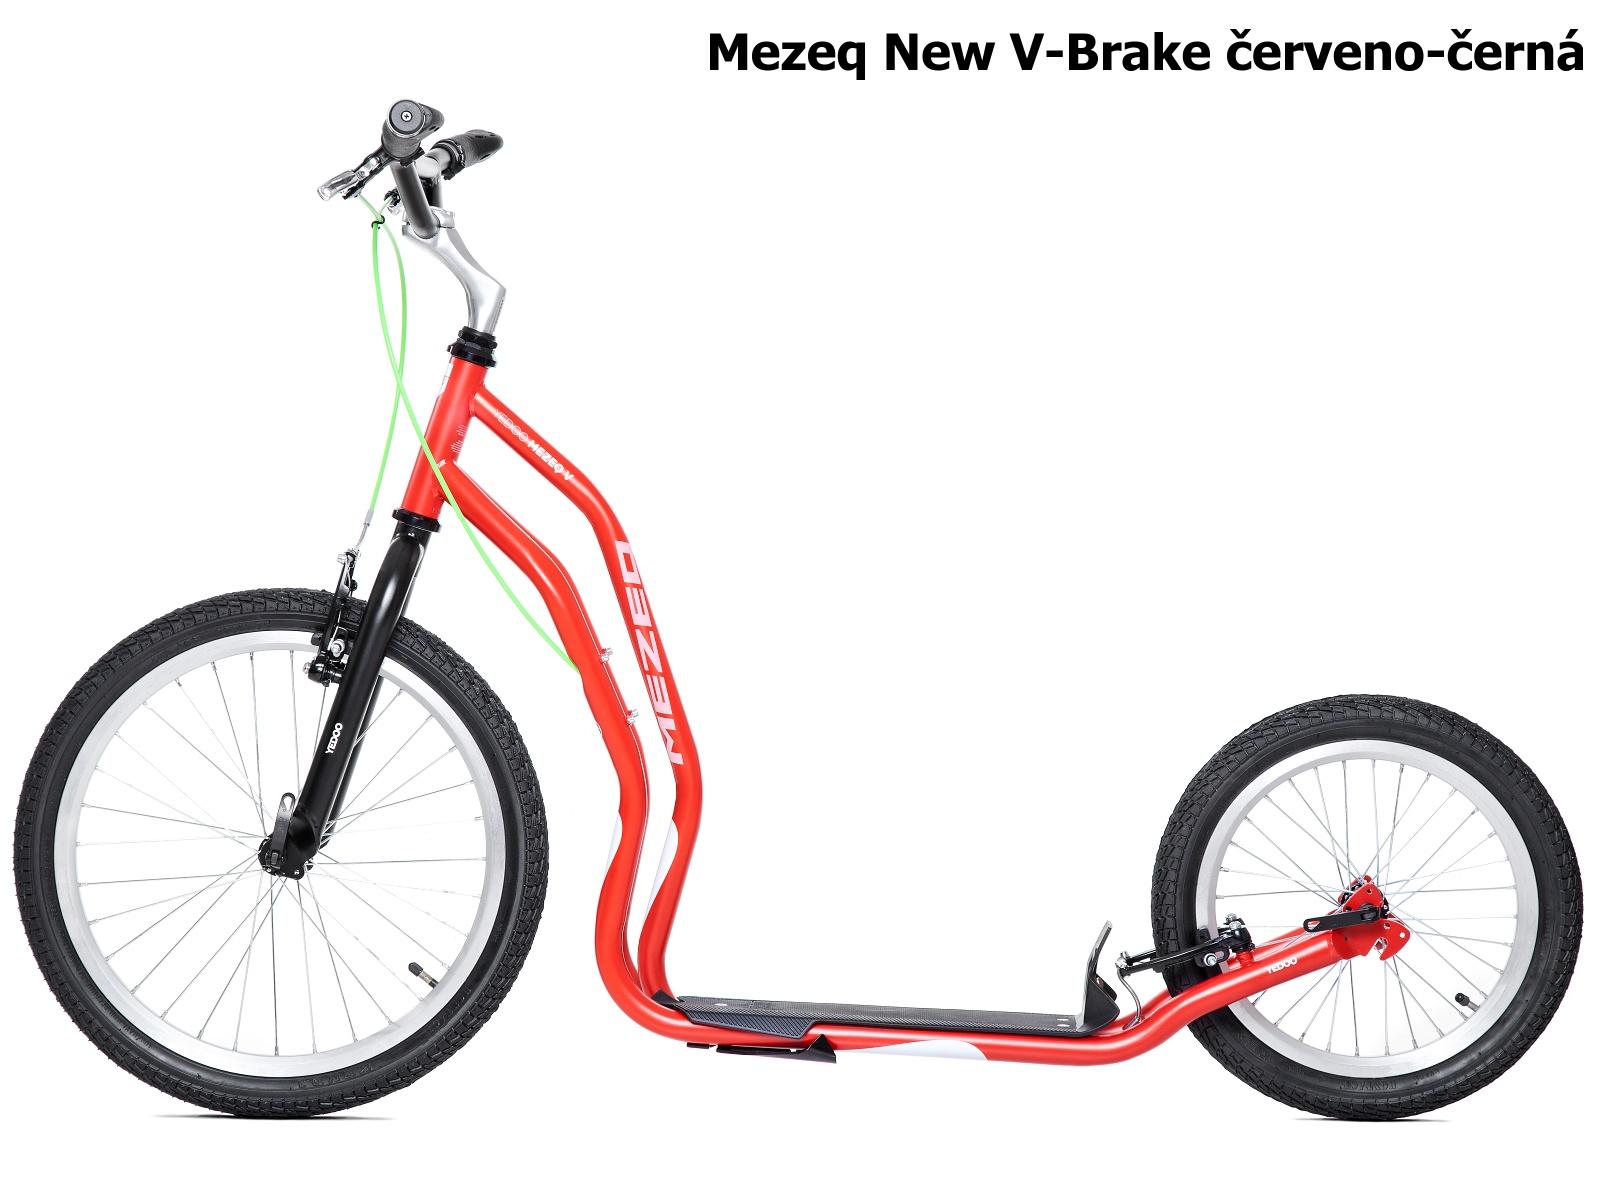 Koloběžka YEDOO Mezeq New V-Brake 20-16 červeno-černá